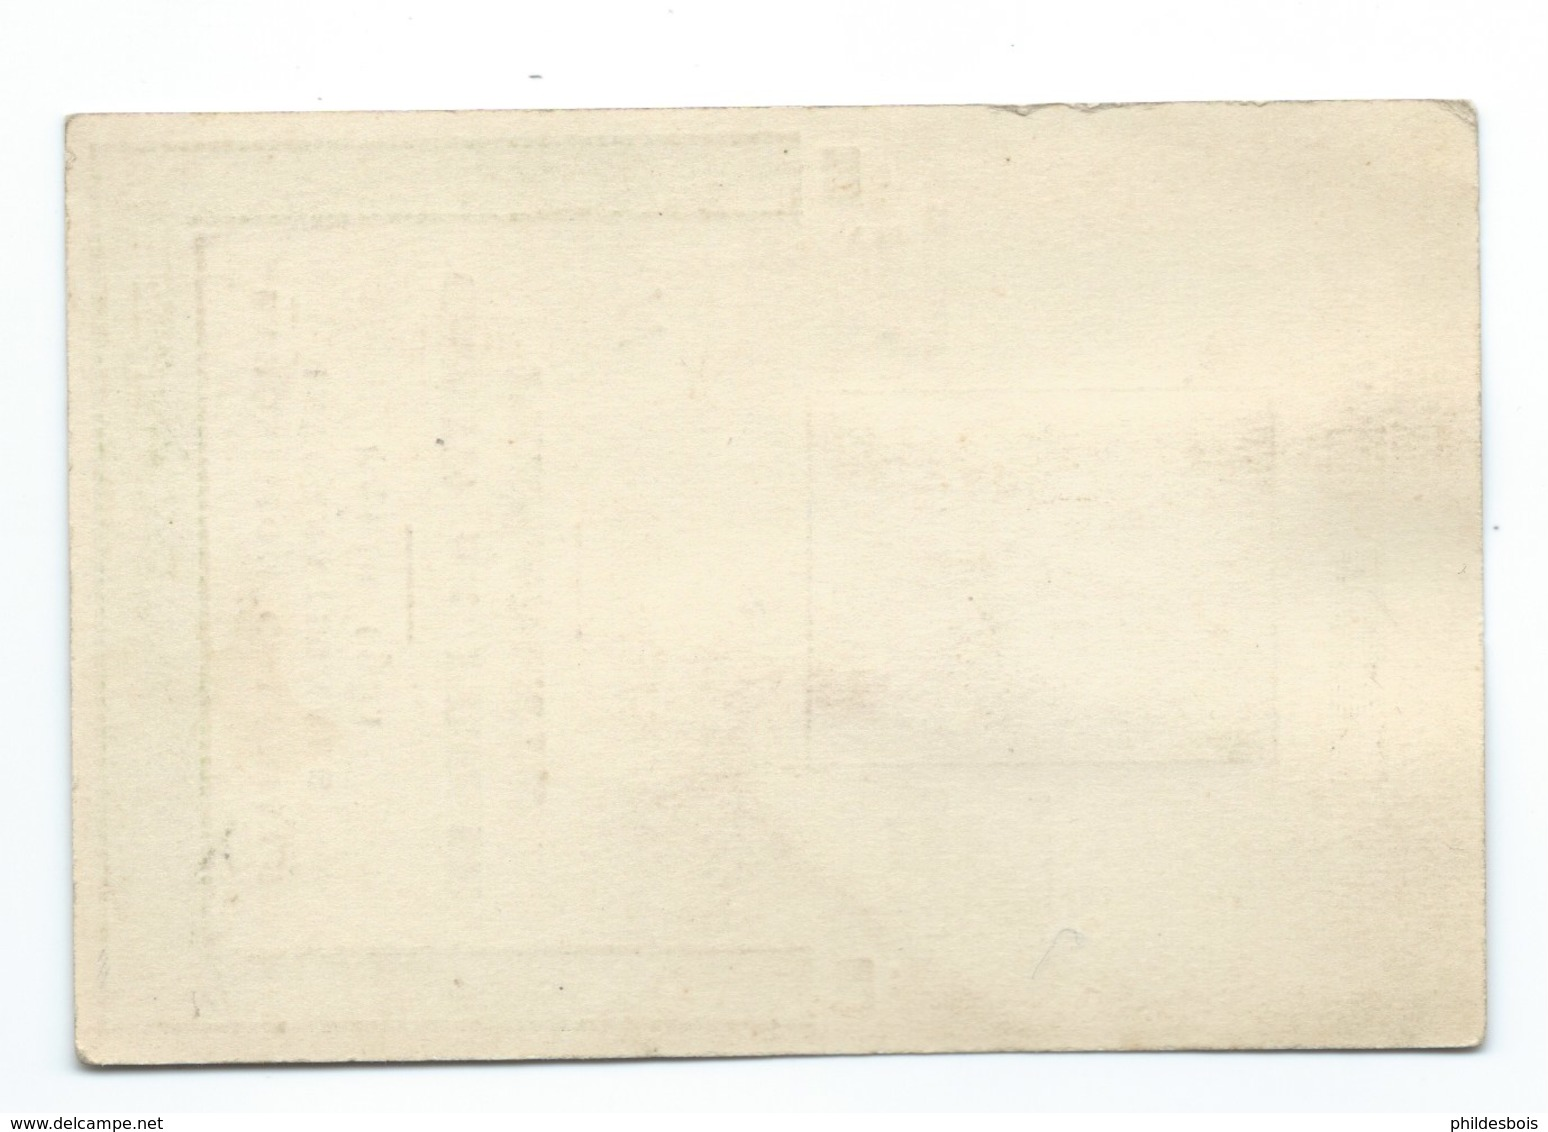 CARTE DE PRESSE EXPOSITION COLONIALE PARIS 1931 - Cartes